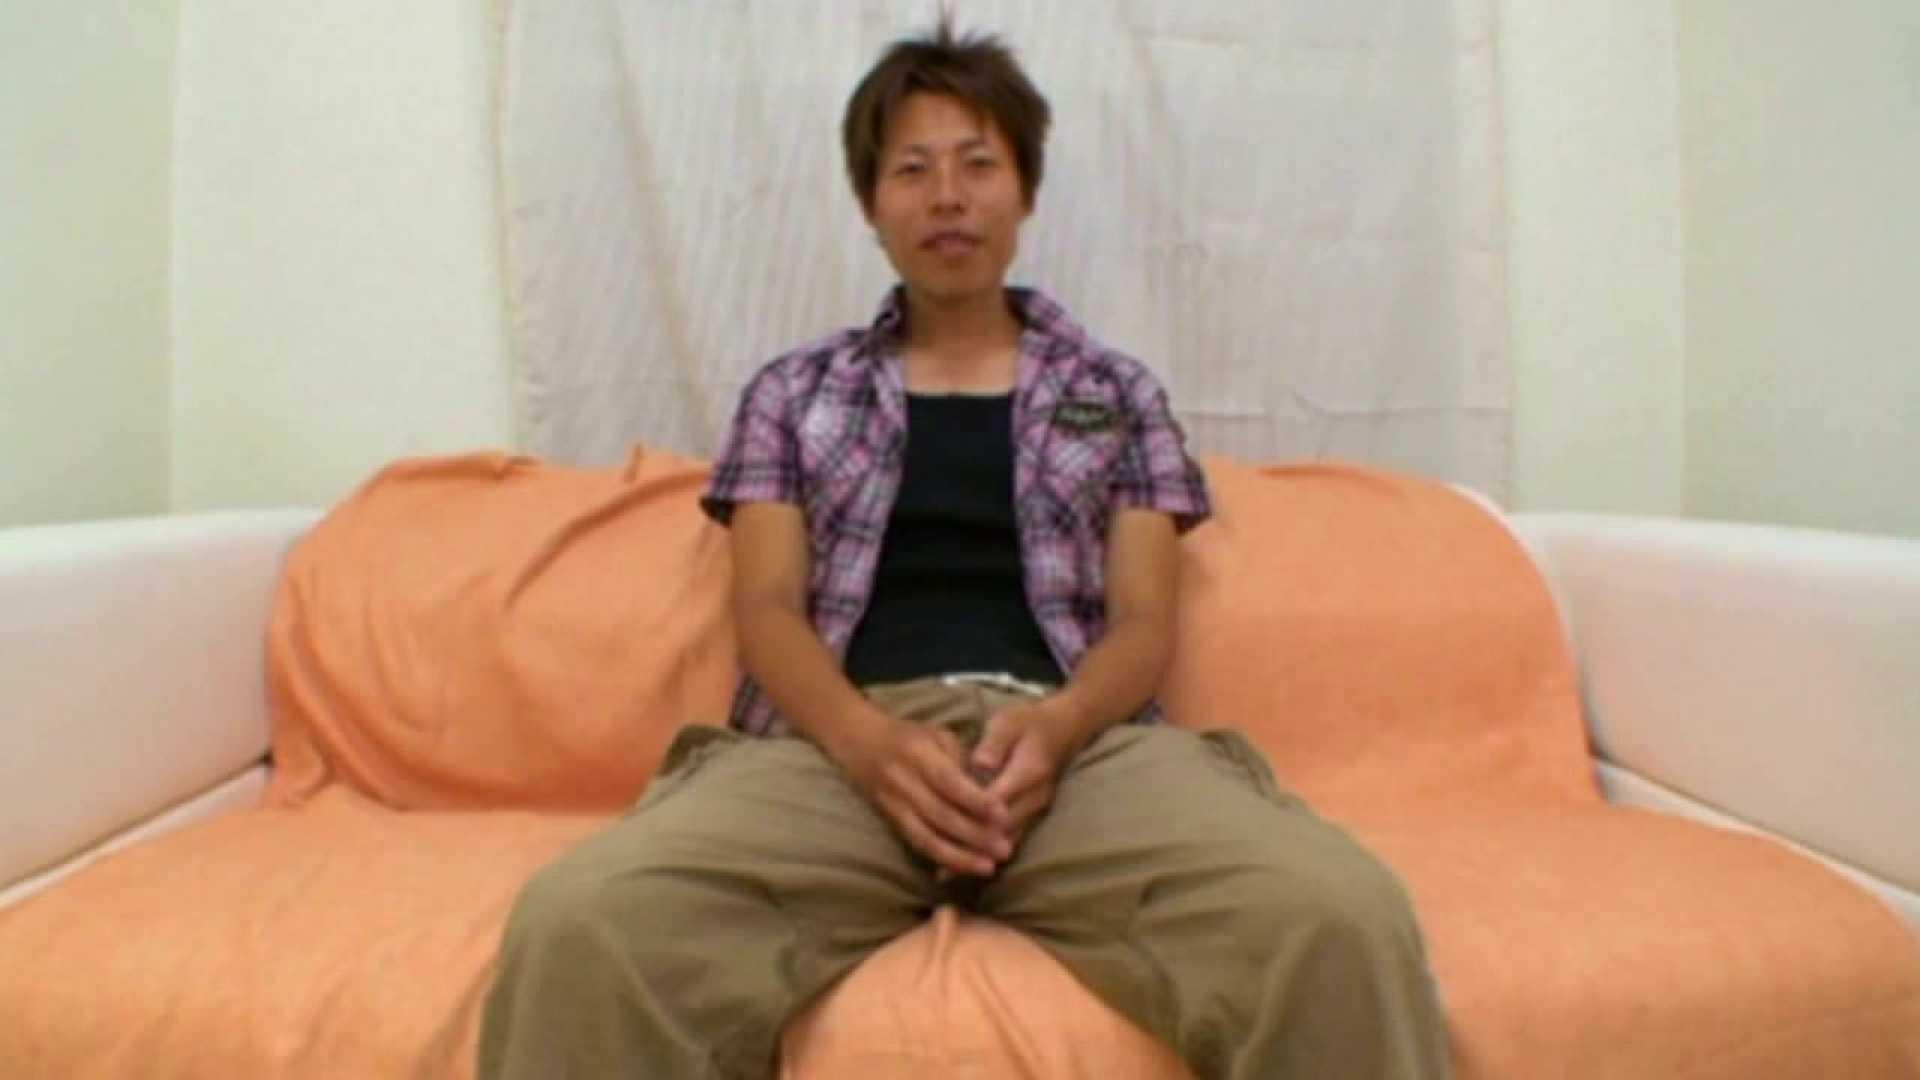 ノンケ!自慰スタジオ No.10 ノンケ天国 ゲイアダルト画像 83pic 36